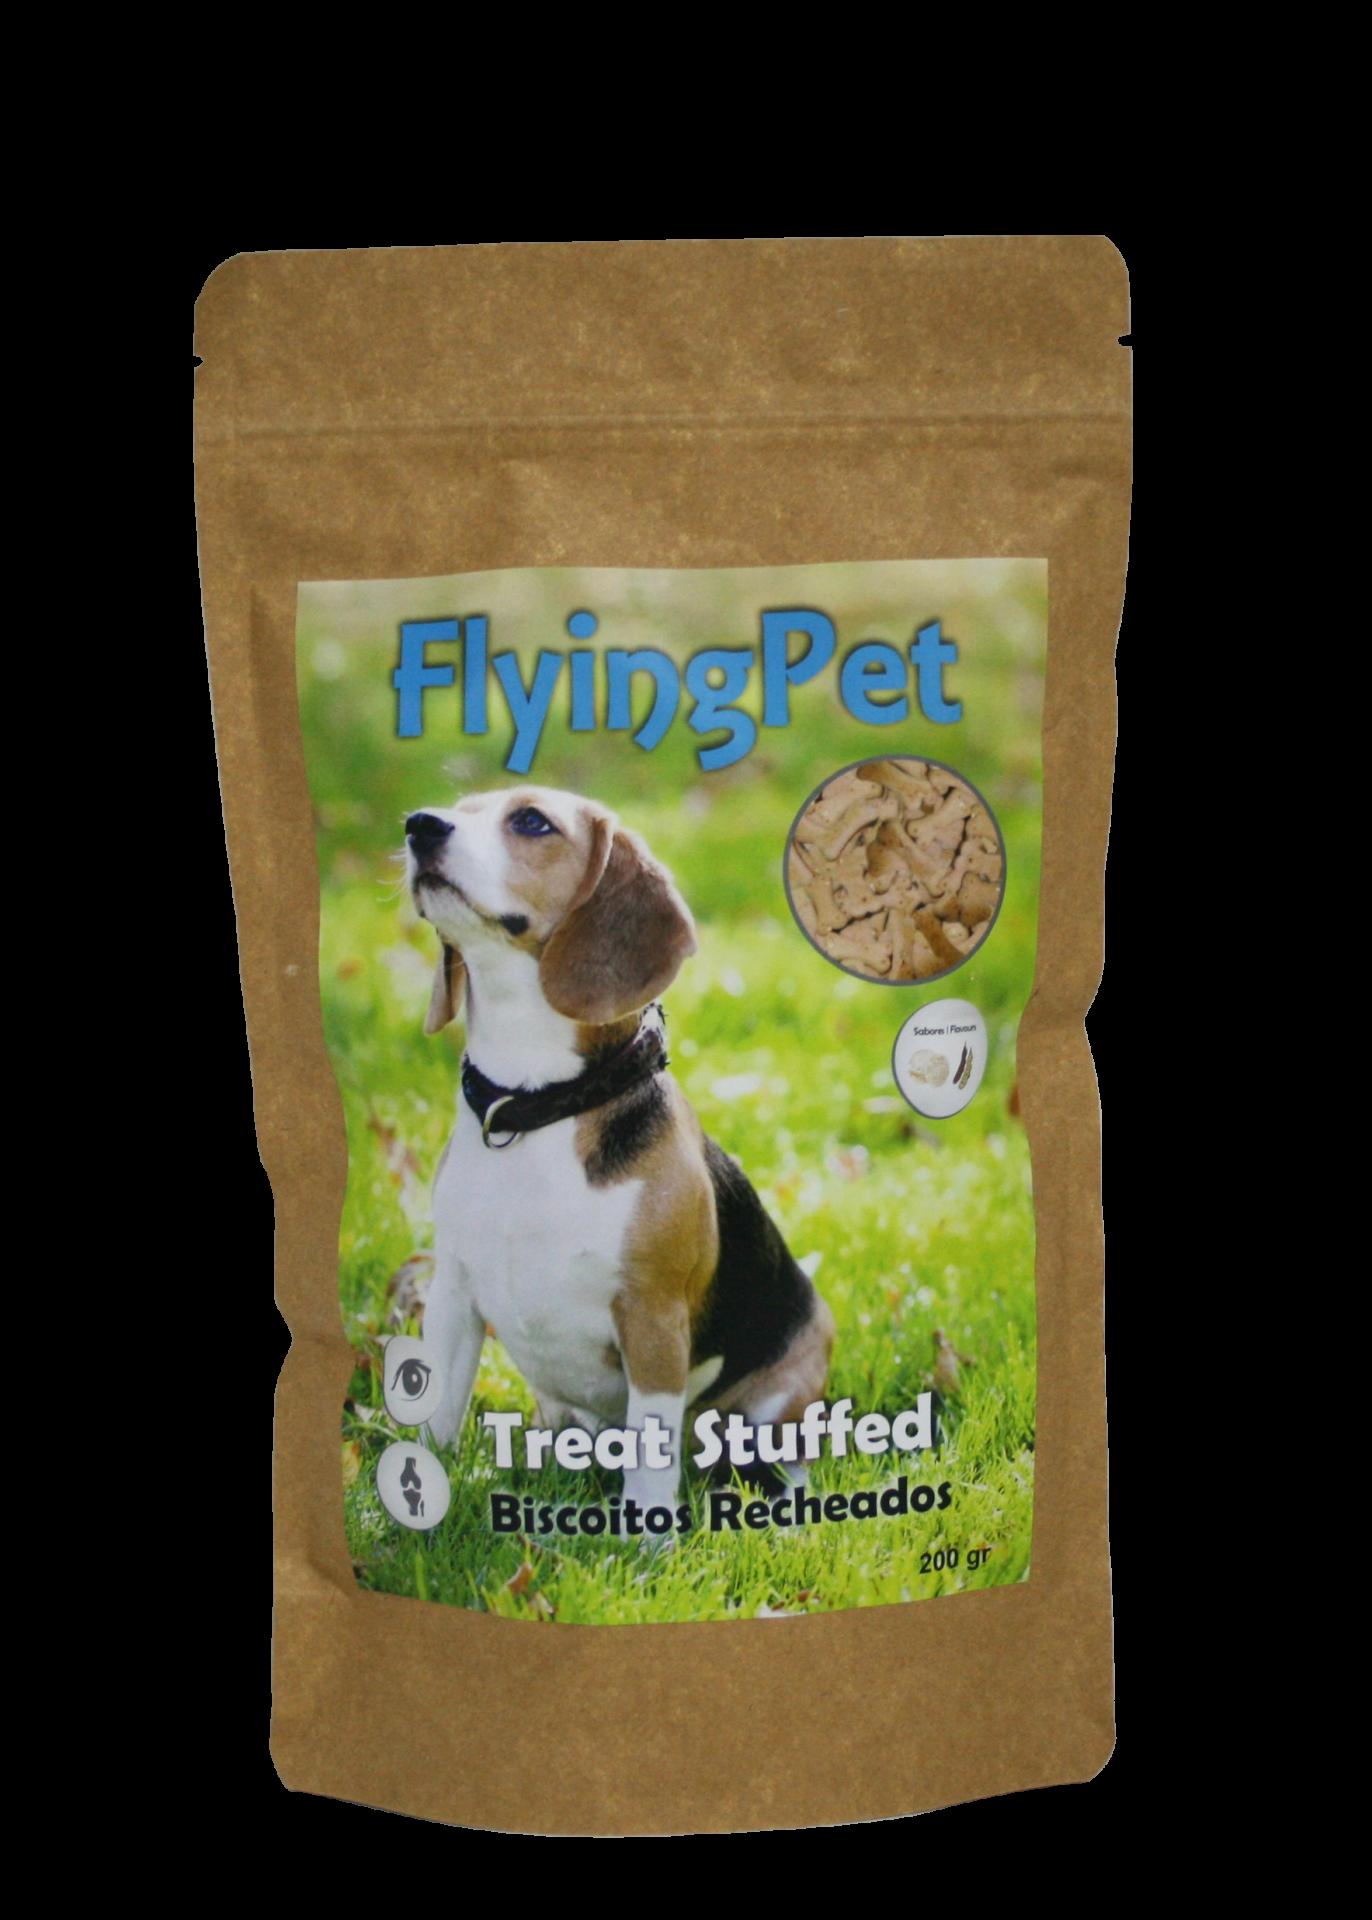 Biscoitos Recheados - Treat Stuffed (200 g)